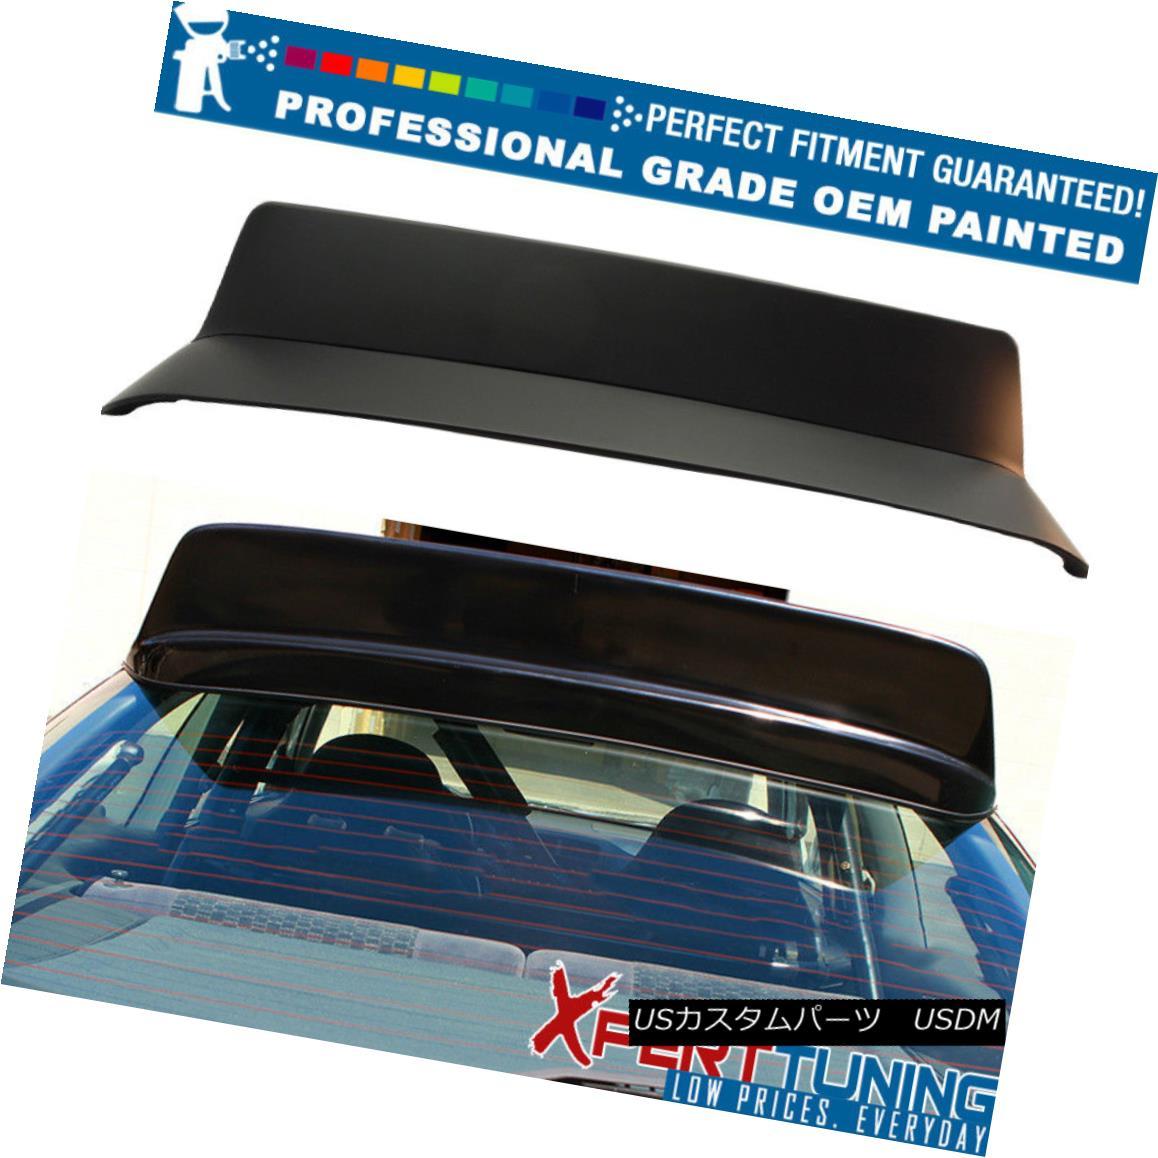 エアロパーツ 96-00 Honda Civic 3Dr HB Hatchback BYS Style Roof Spoiler - OEM Painted Color 96-00ホンダシビック3Dr HBハッチバックBYSスタイルルーフスポイラー - OEM塗装カラー